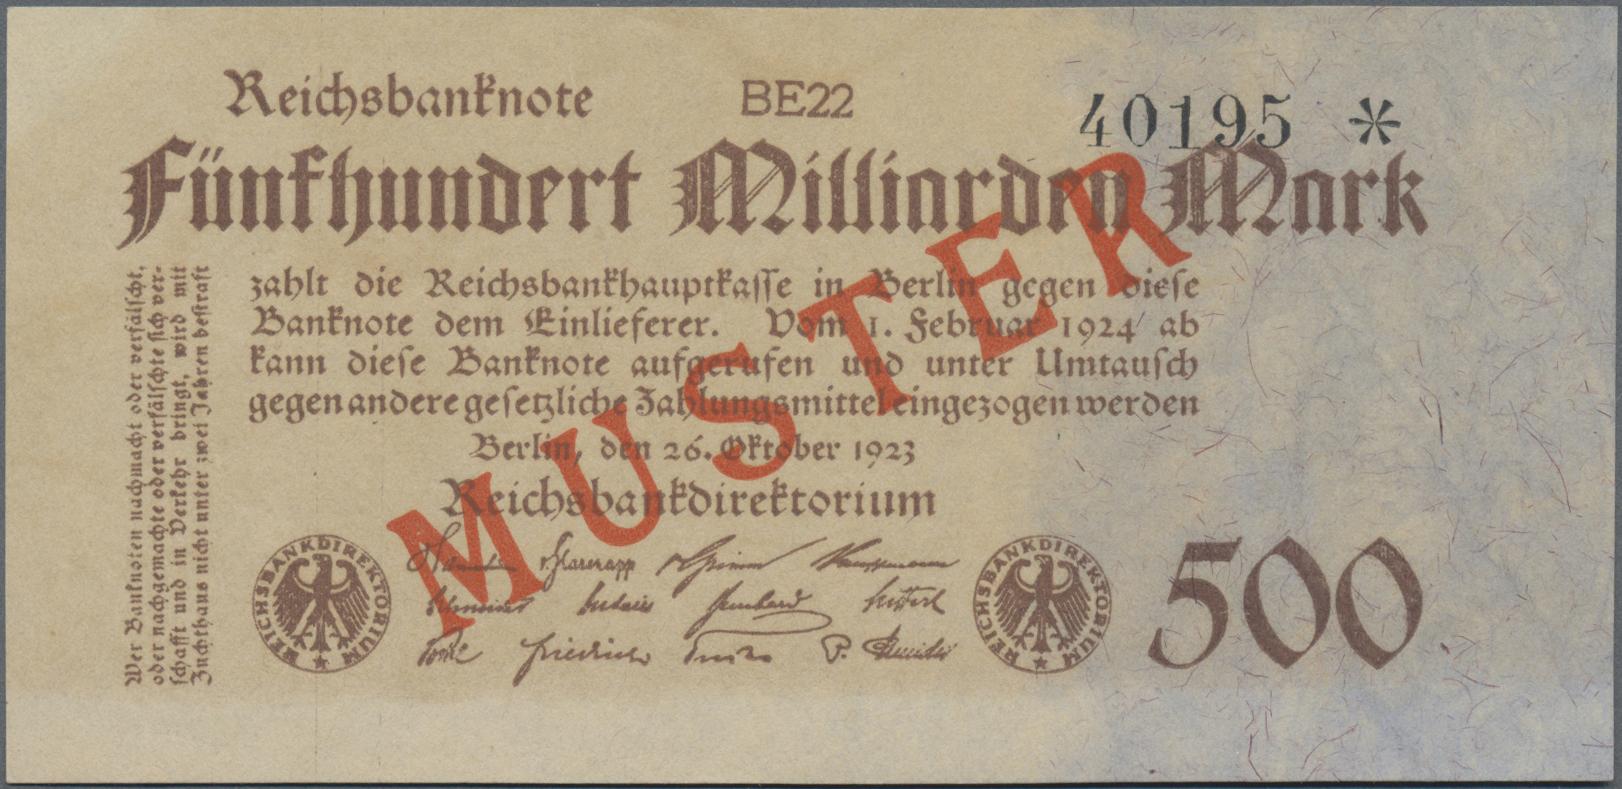 Lot 03345 - Deutschland - Deutsches Reich bis 1945 | Banknoten  -  Auktionshaus Christoph Gärtner GmbH & Co. KG Sale #45 Banknotes Germany/Numismatics